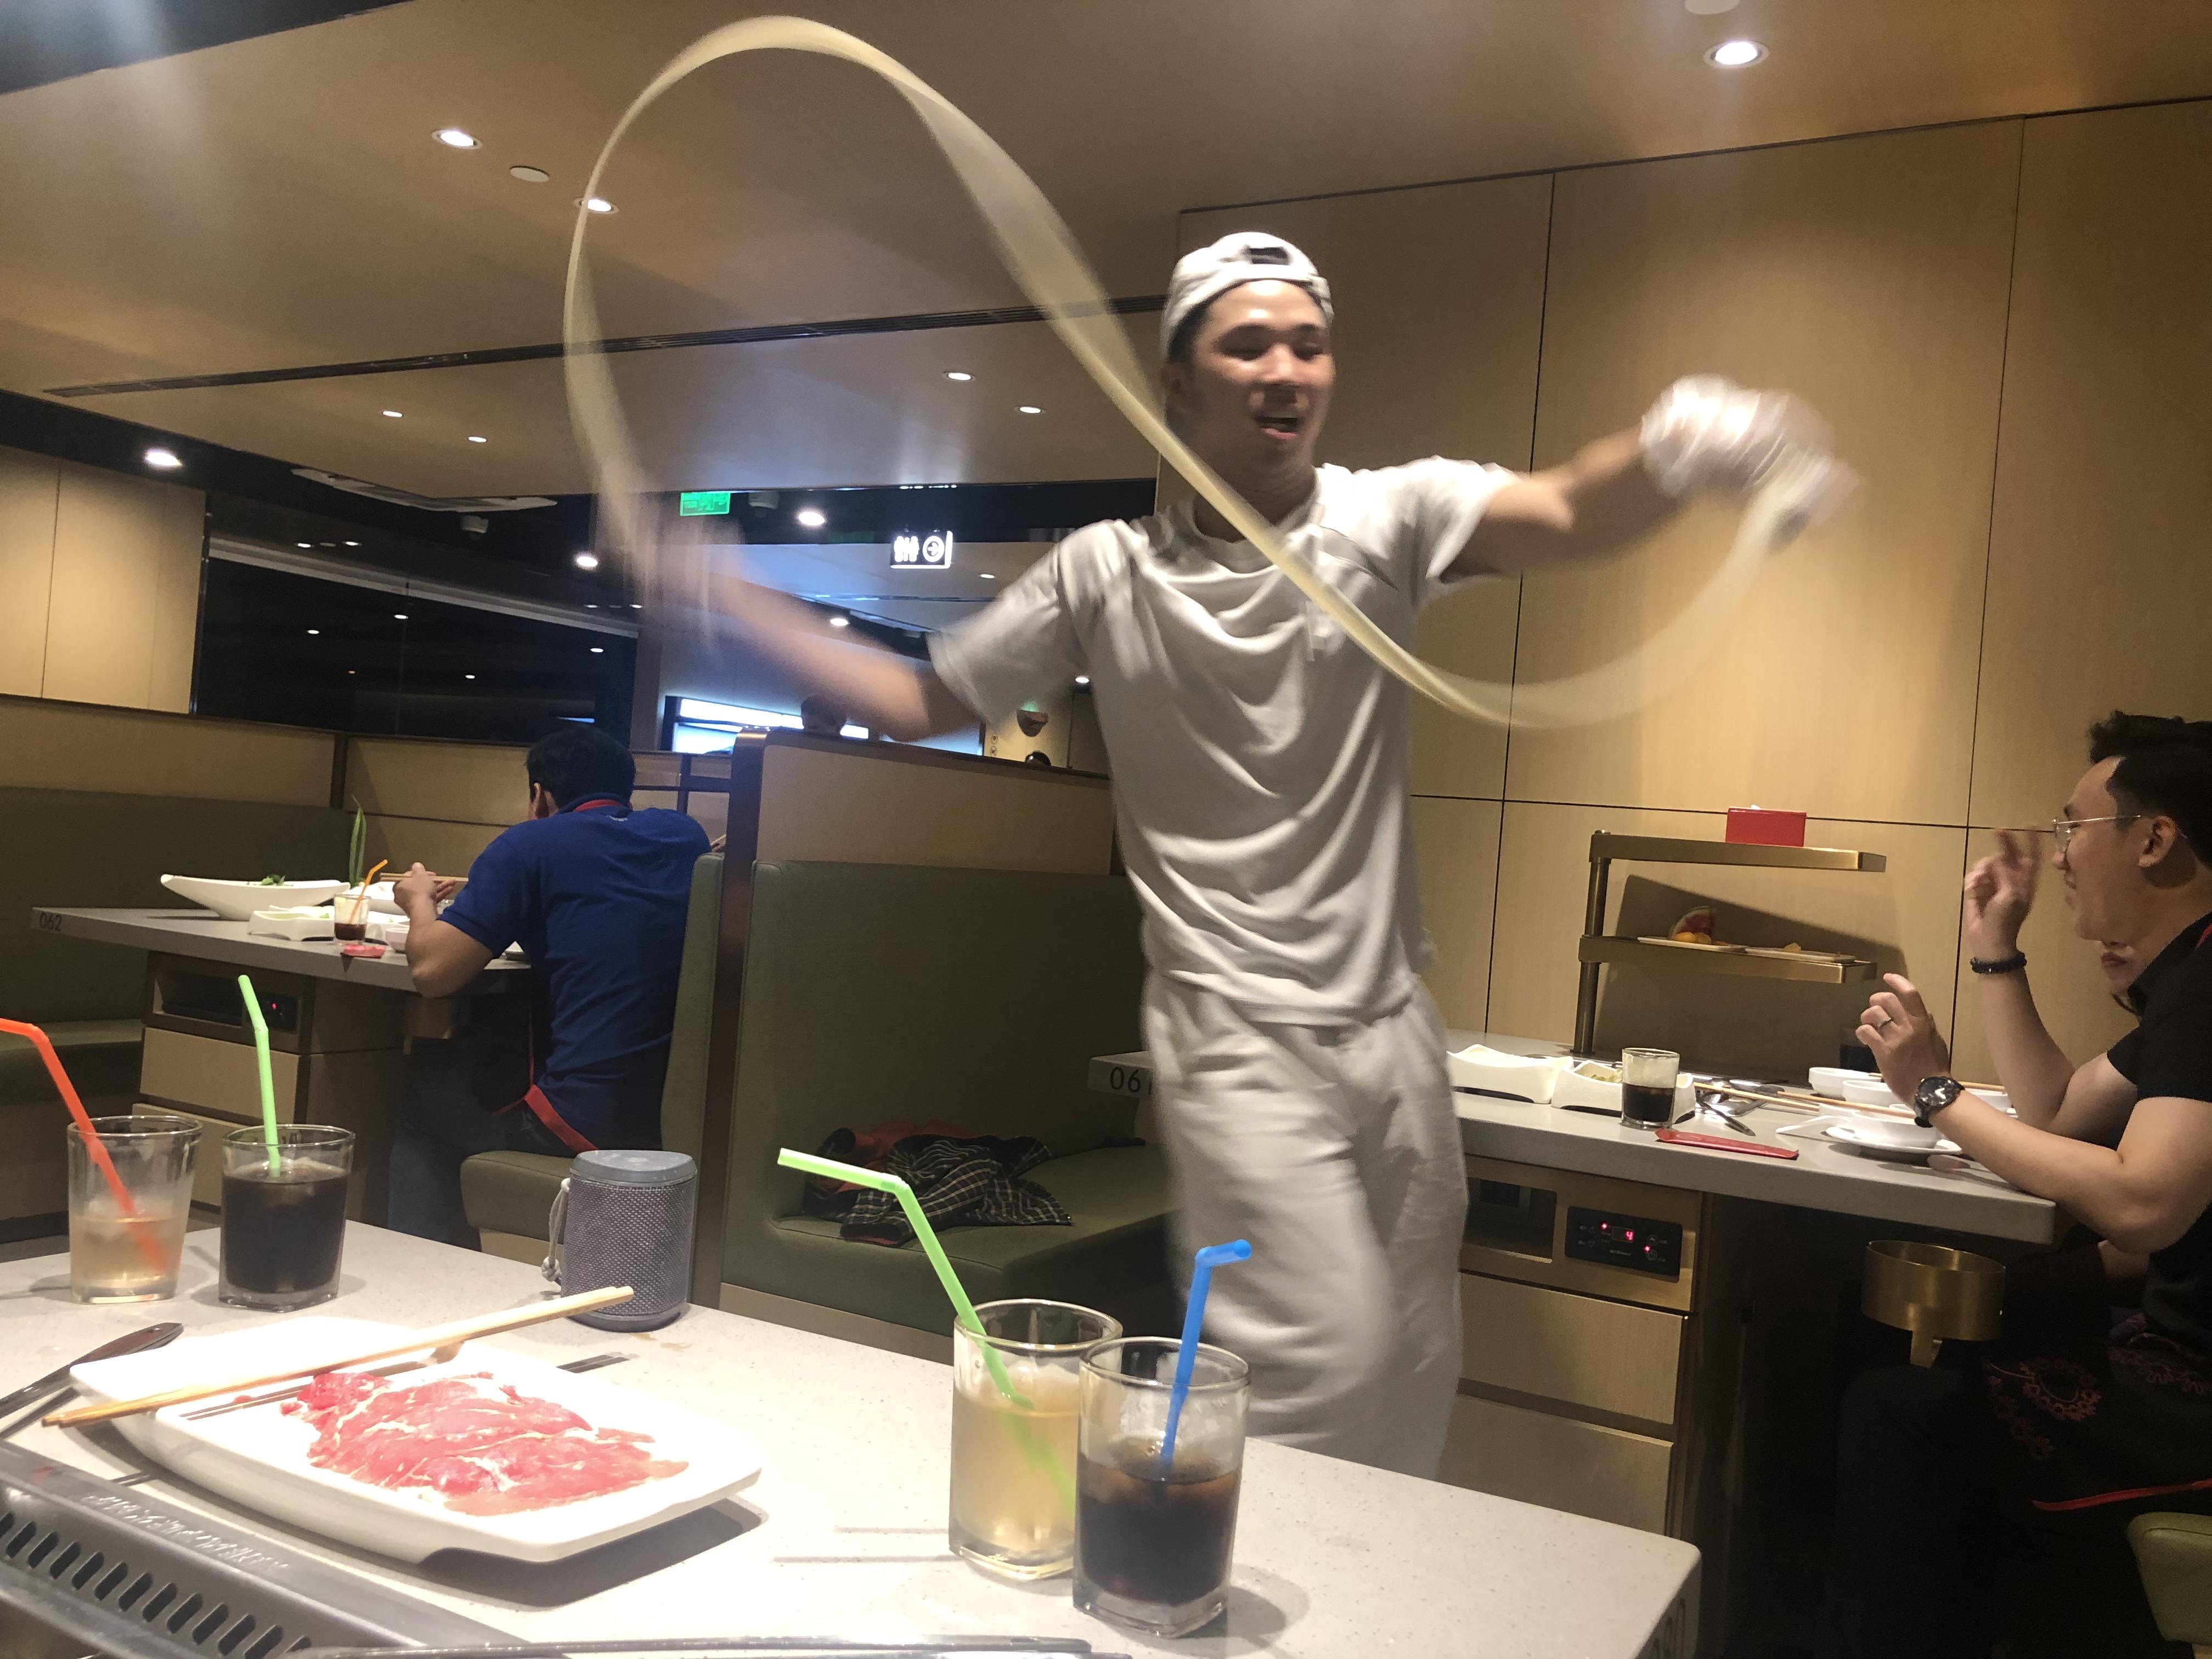 繁盛の仕掛け満載。日本でも大人気の中国四川発祥の火鍋チェーンに潜入